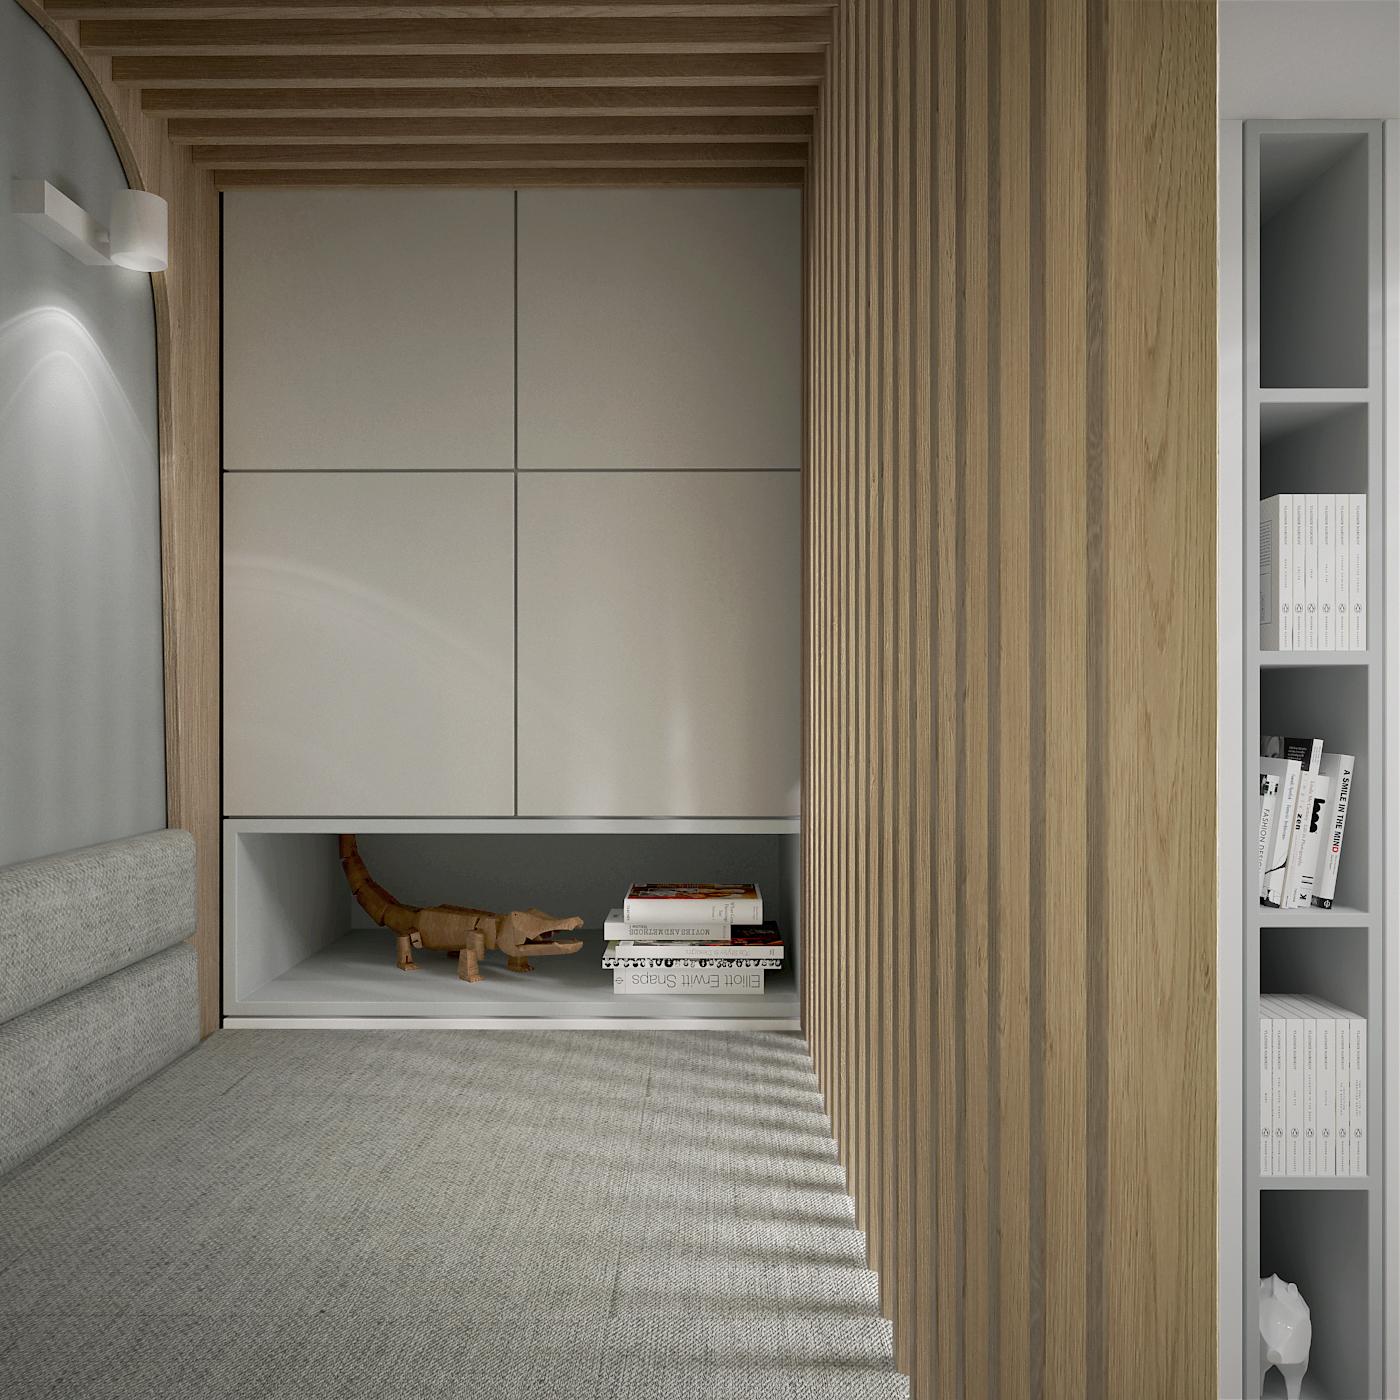 23 projekt wnetrza 537 mieszkanie krakow pokoj dziecka widok antresoli miejsce do zabawy tapicerowana sciana azurowe panele